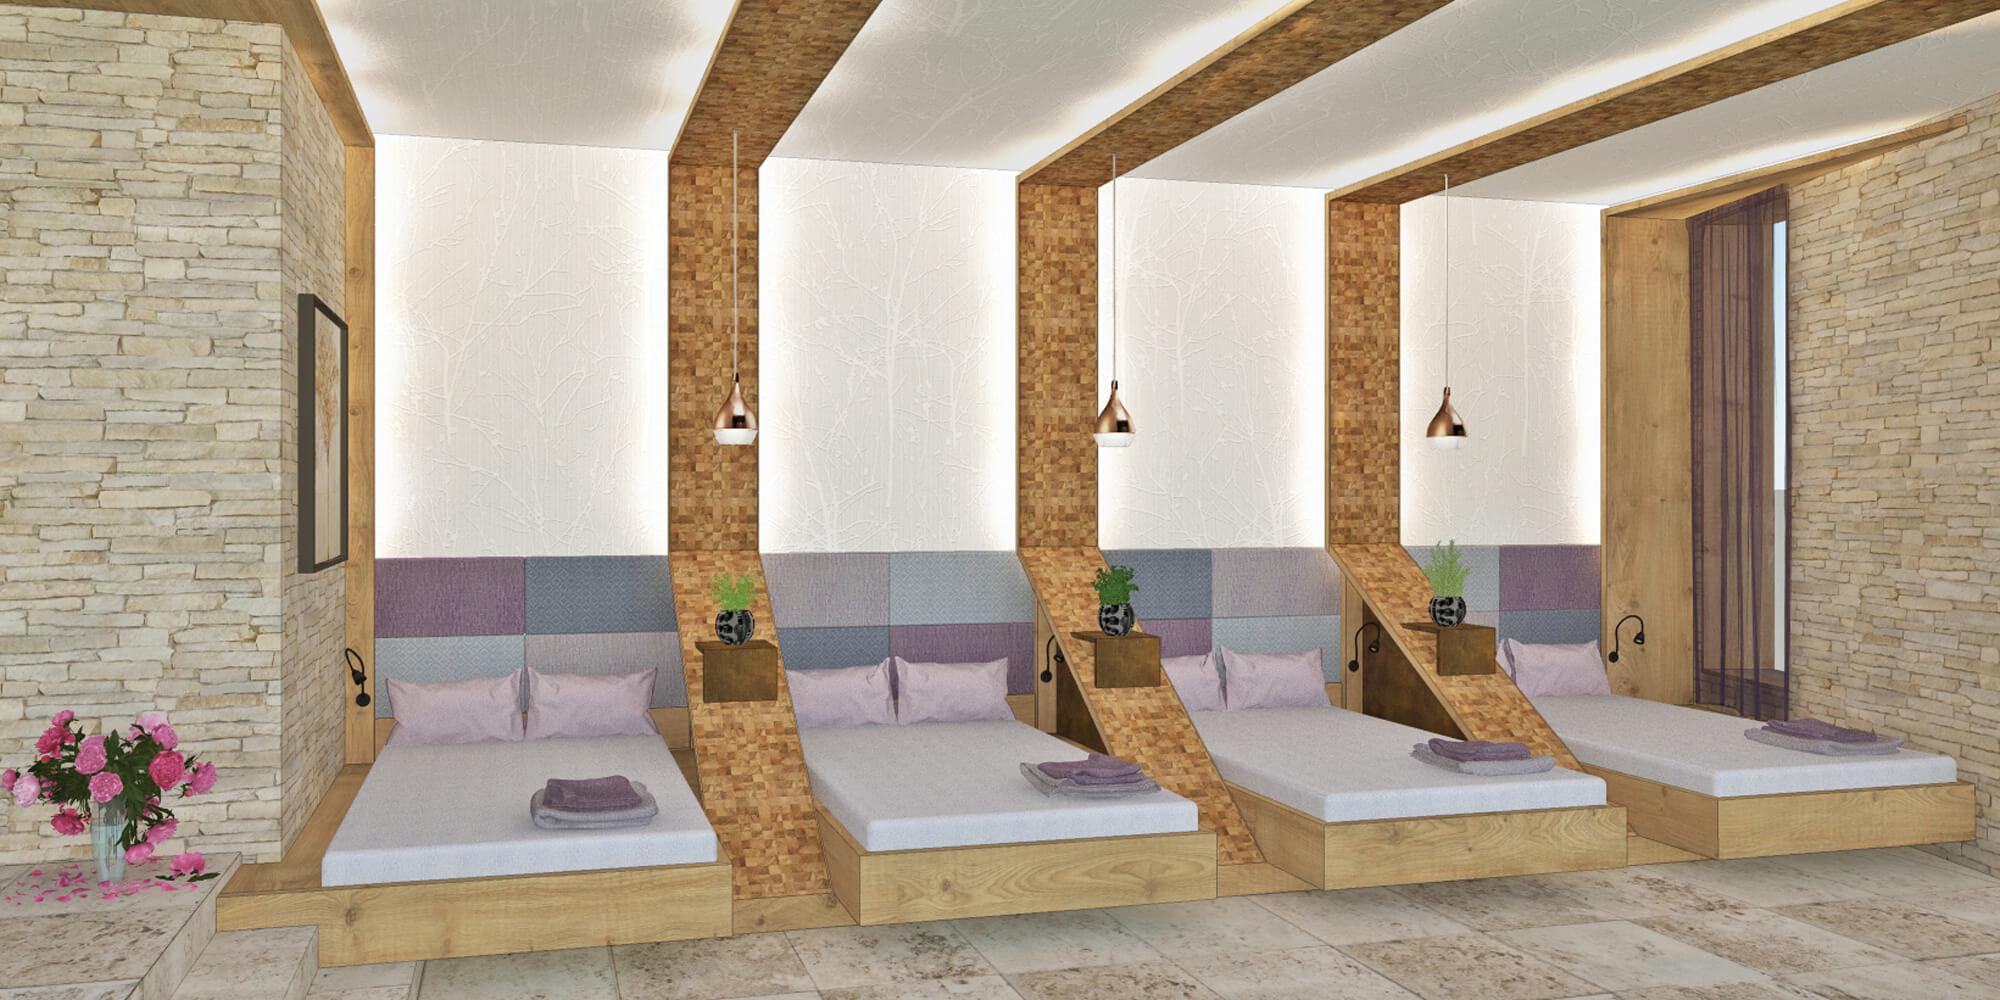 Crea-Plan-Design-Rauch-Frühmann-Architektur-Innenarchitektur-Design-Projekt-Referenz-Hotelerie-Gastronomie-Hotel-Guglwald-Wellness-E